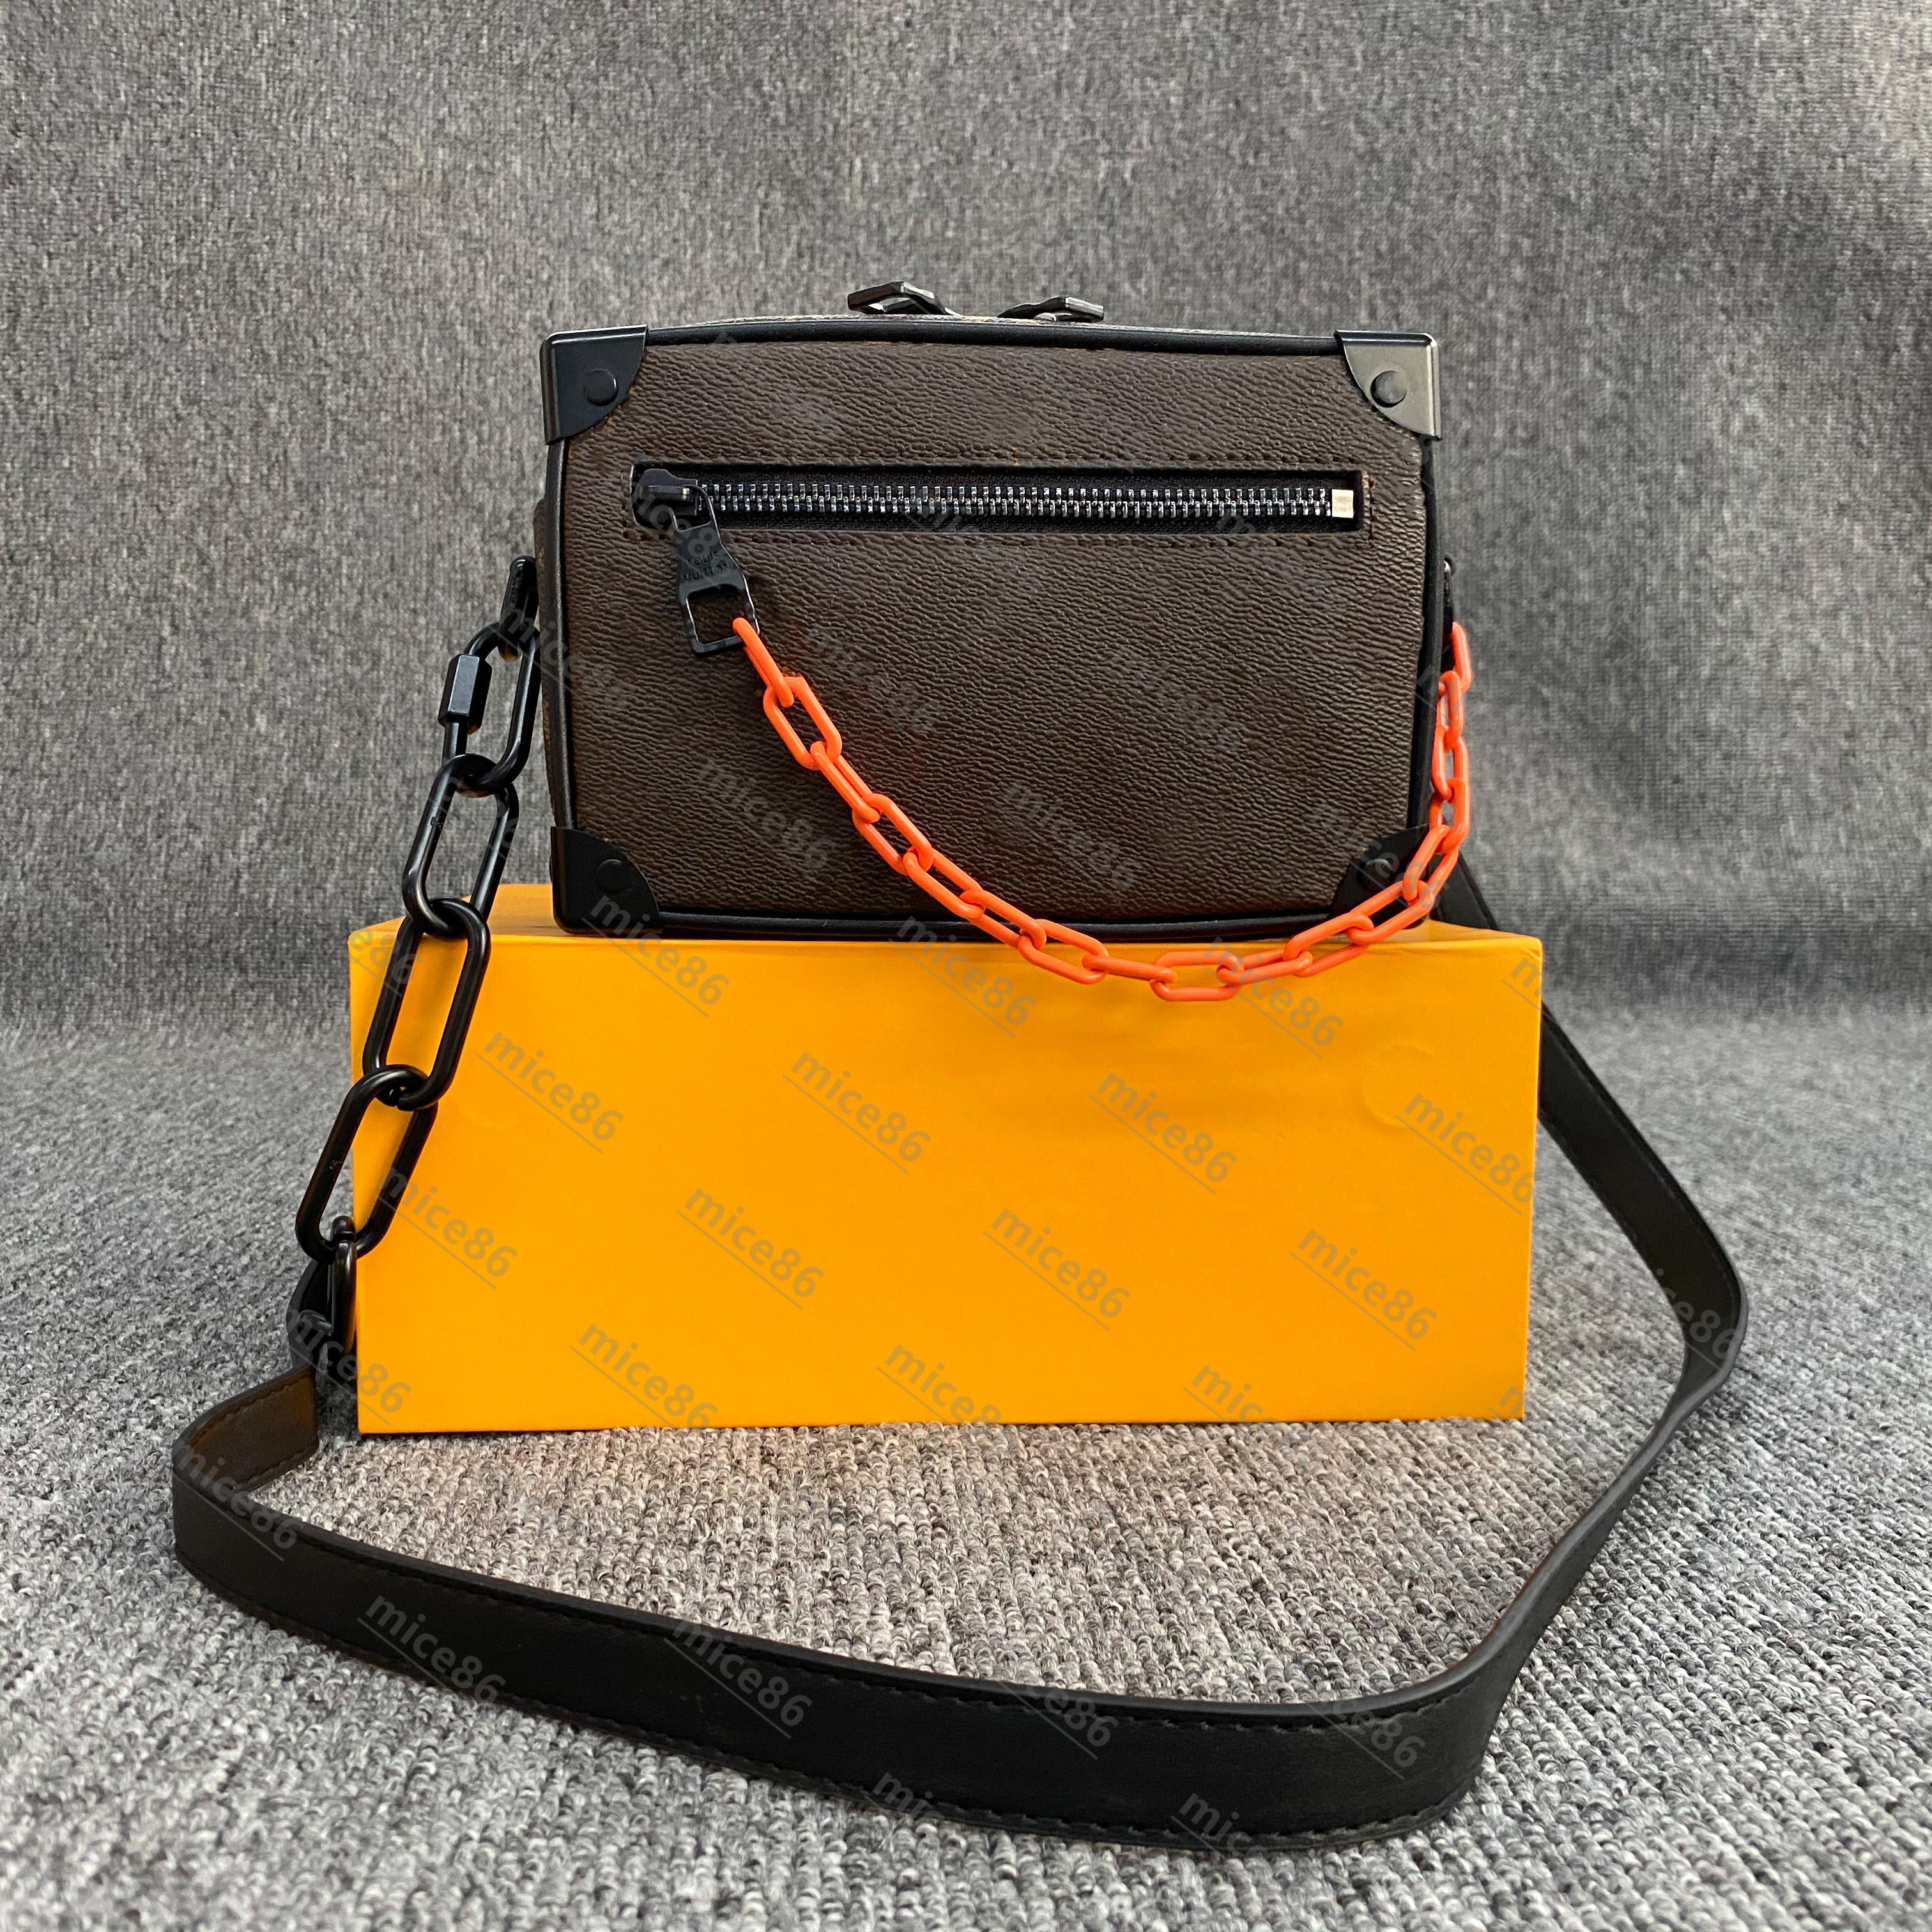 Lüks Tasarımcılar Çanta Satış Çanta Göğüs Tote Paketi Lady Zincirler Woemns Tote Erkekler Crossbody Omuz Çantaları Cüzdan Çanta Çantalar